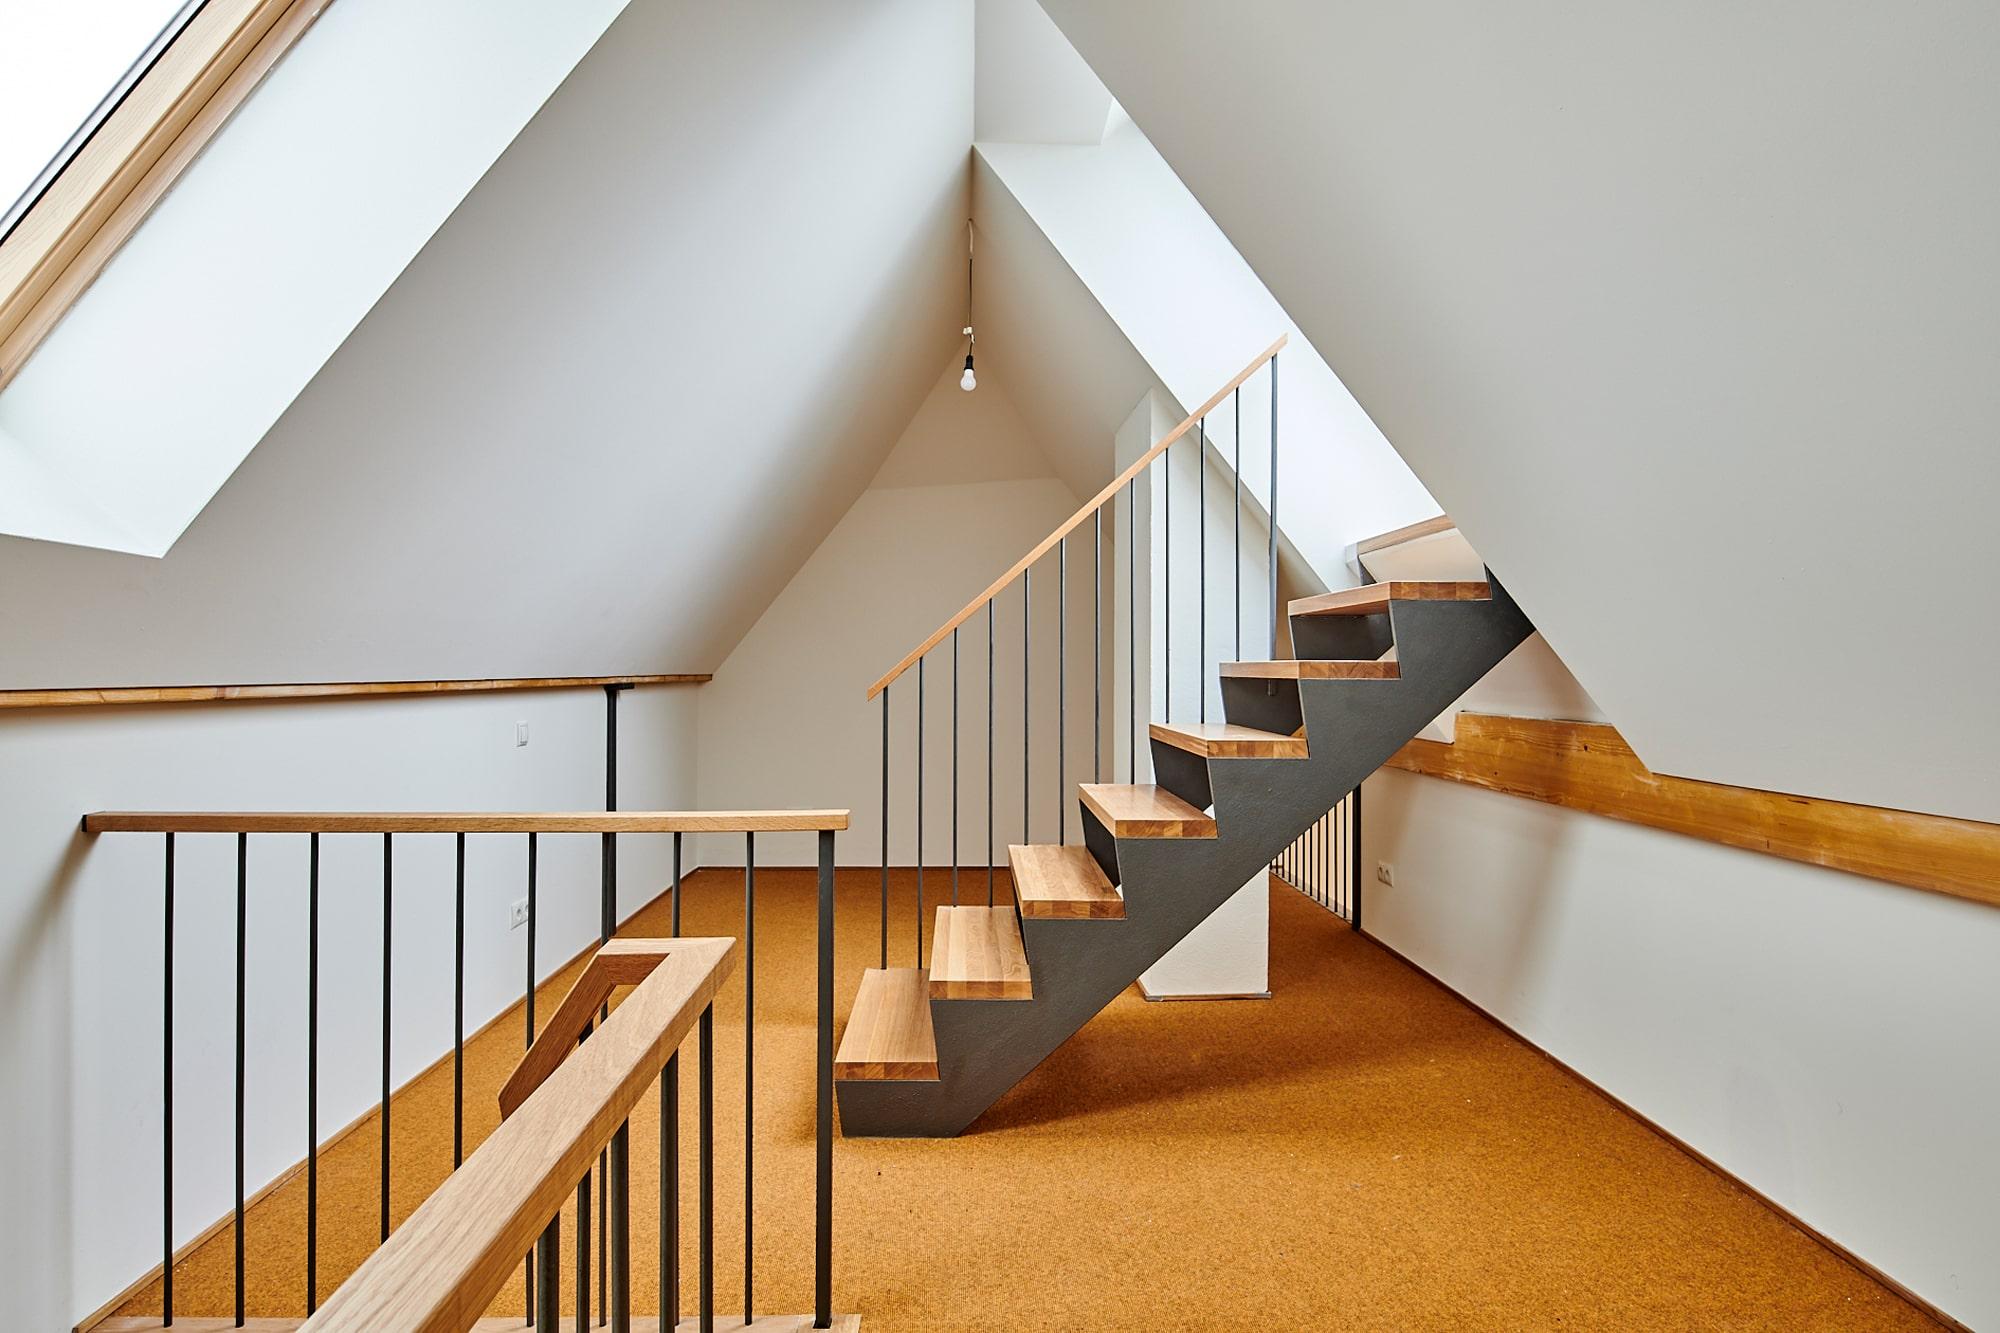 Gabriele Riesner, Architektin, Berlin, Dachgeschossausbau eines Mietshauses in Berlin-Steglitz, Galerie